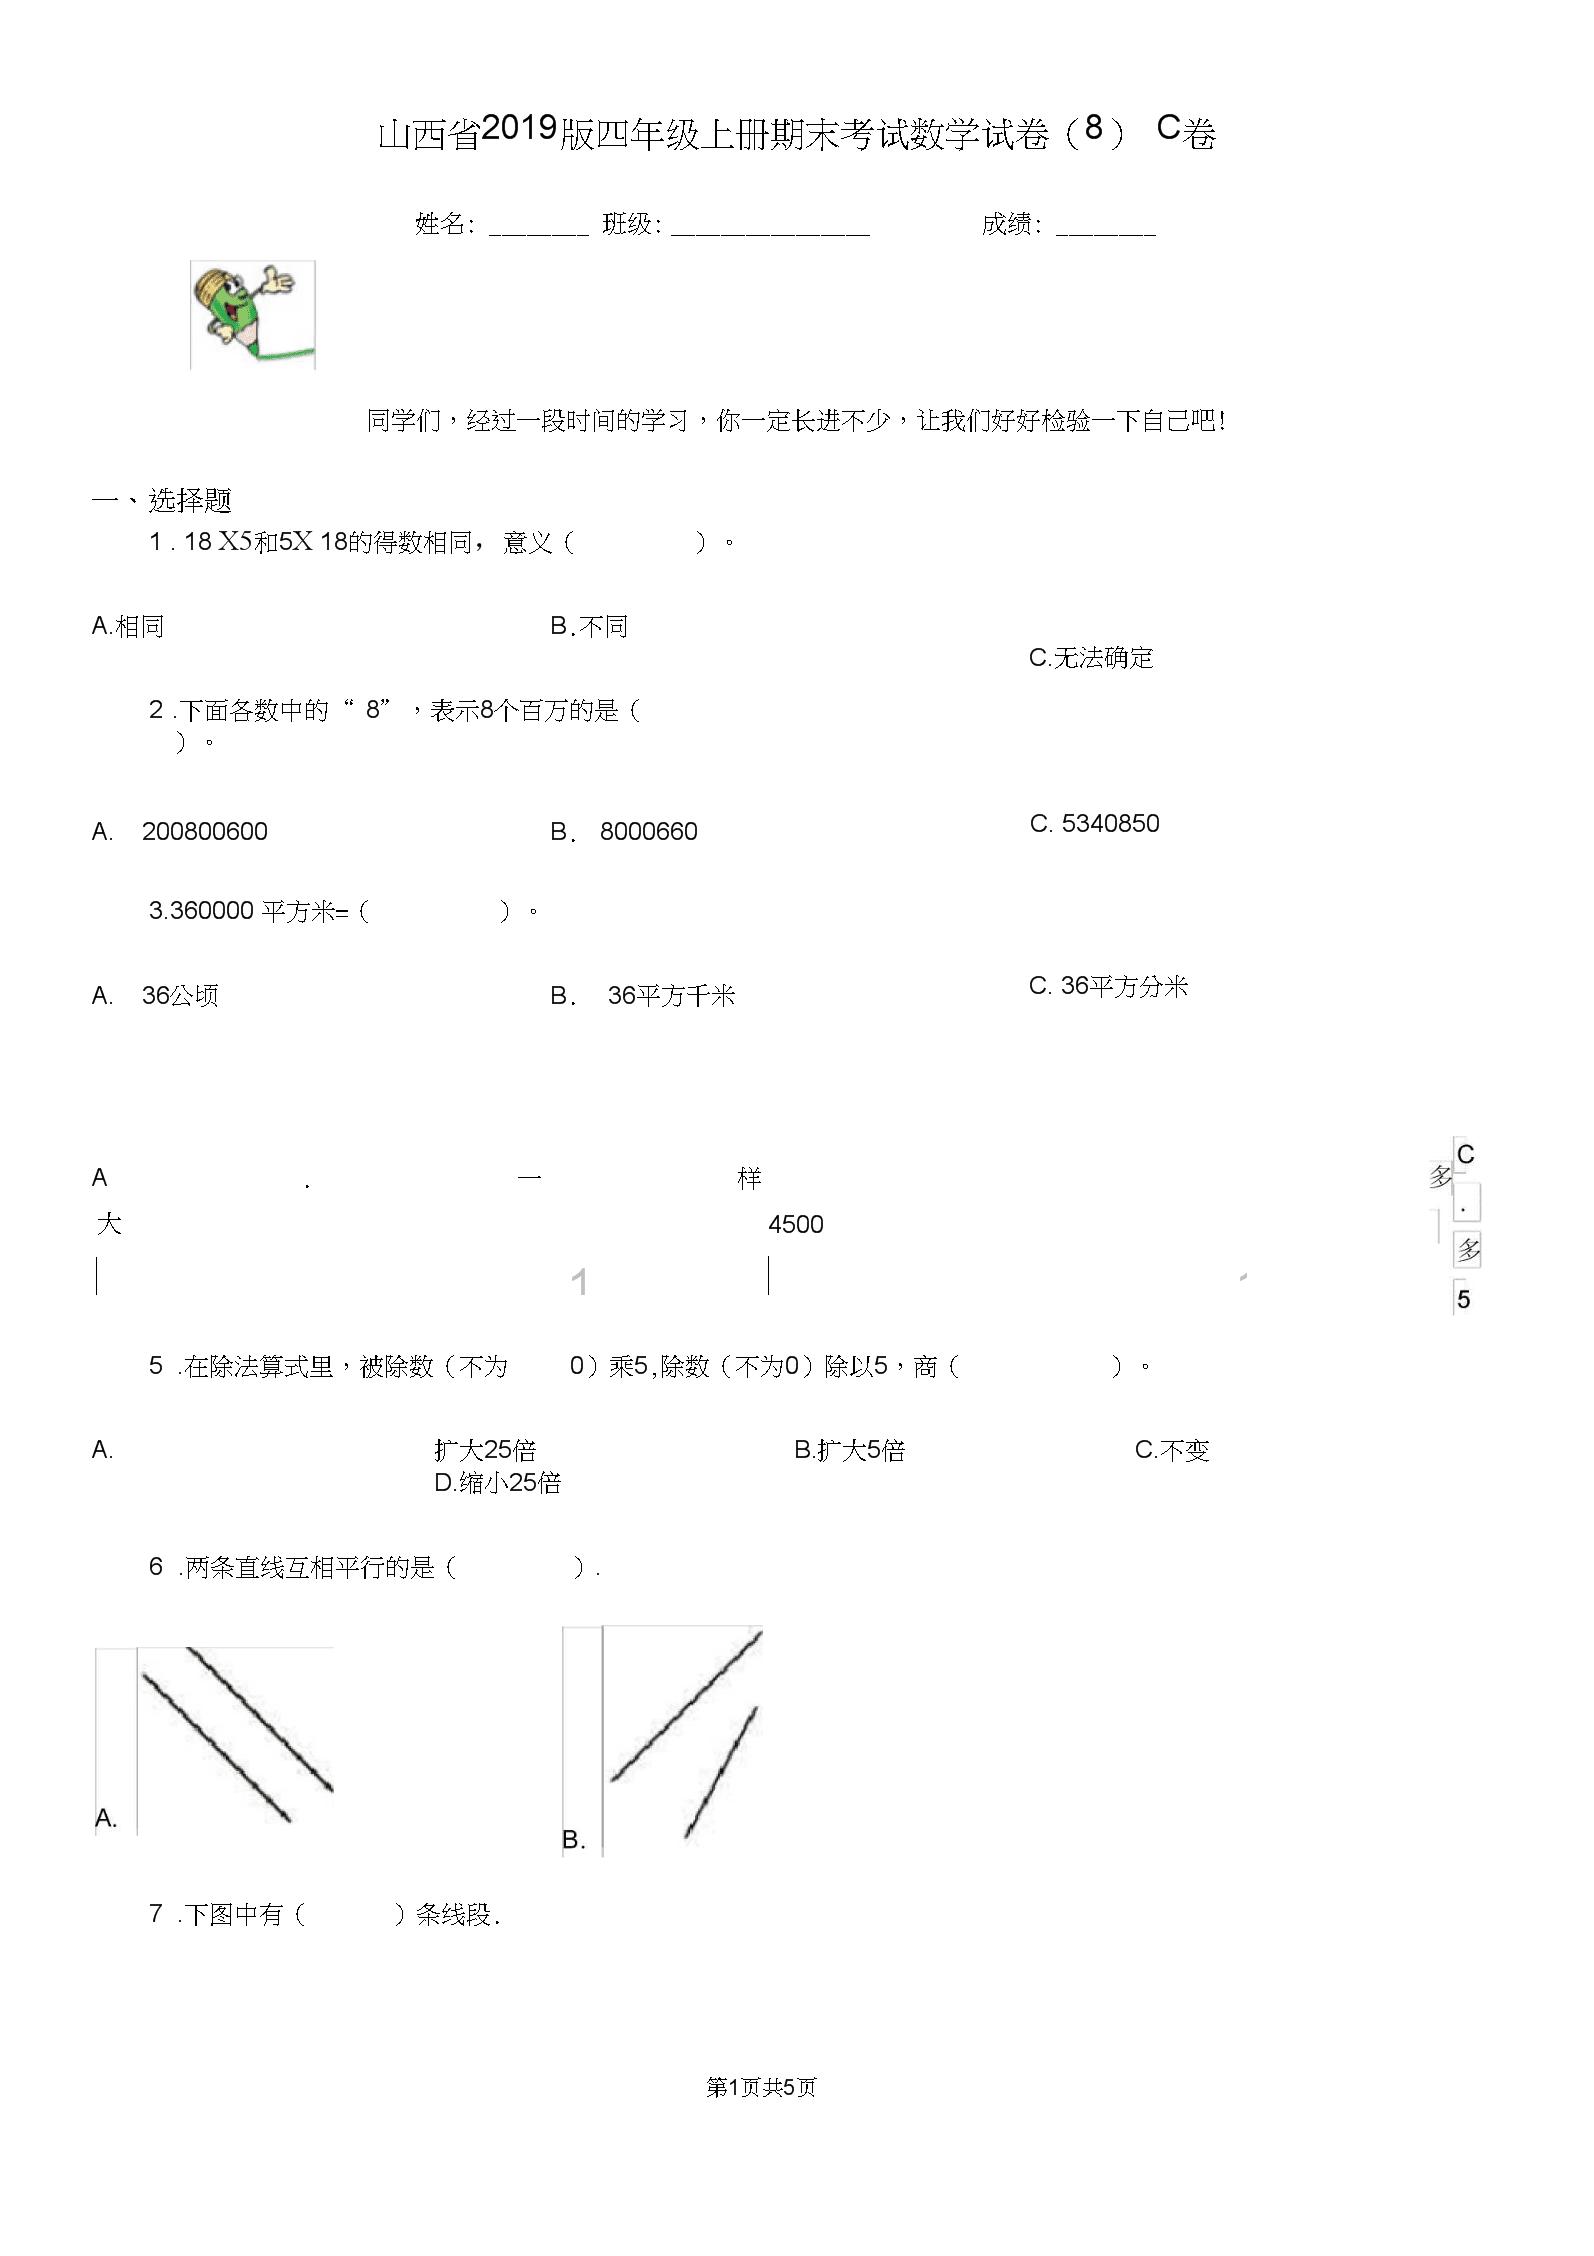 山西省2019版四年级上册期末考试数学试卷(8)C卷.docx